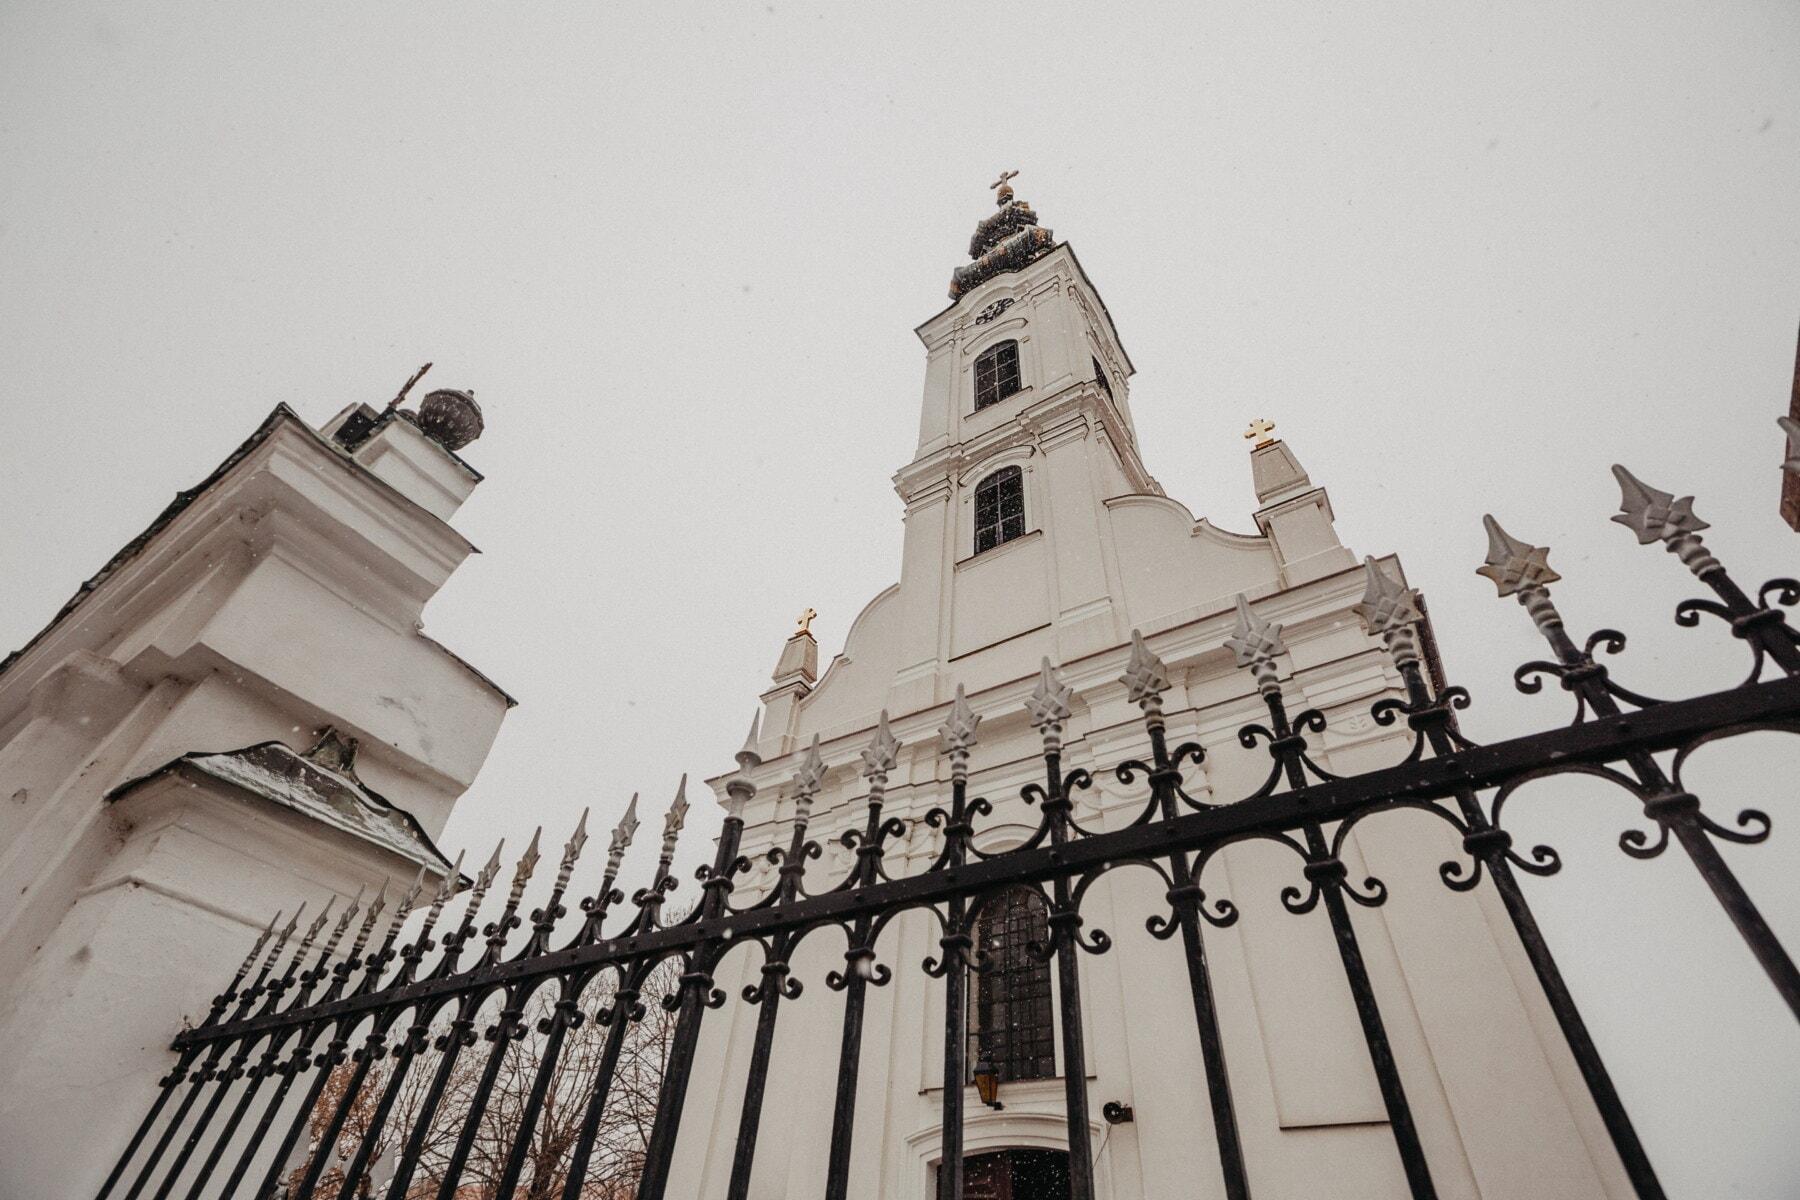 iglesia, Torre de la iglesia, blanco, nieve, copos de nieve, invierno, frío, hierro fundido, cerca de, torre